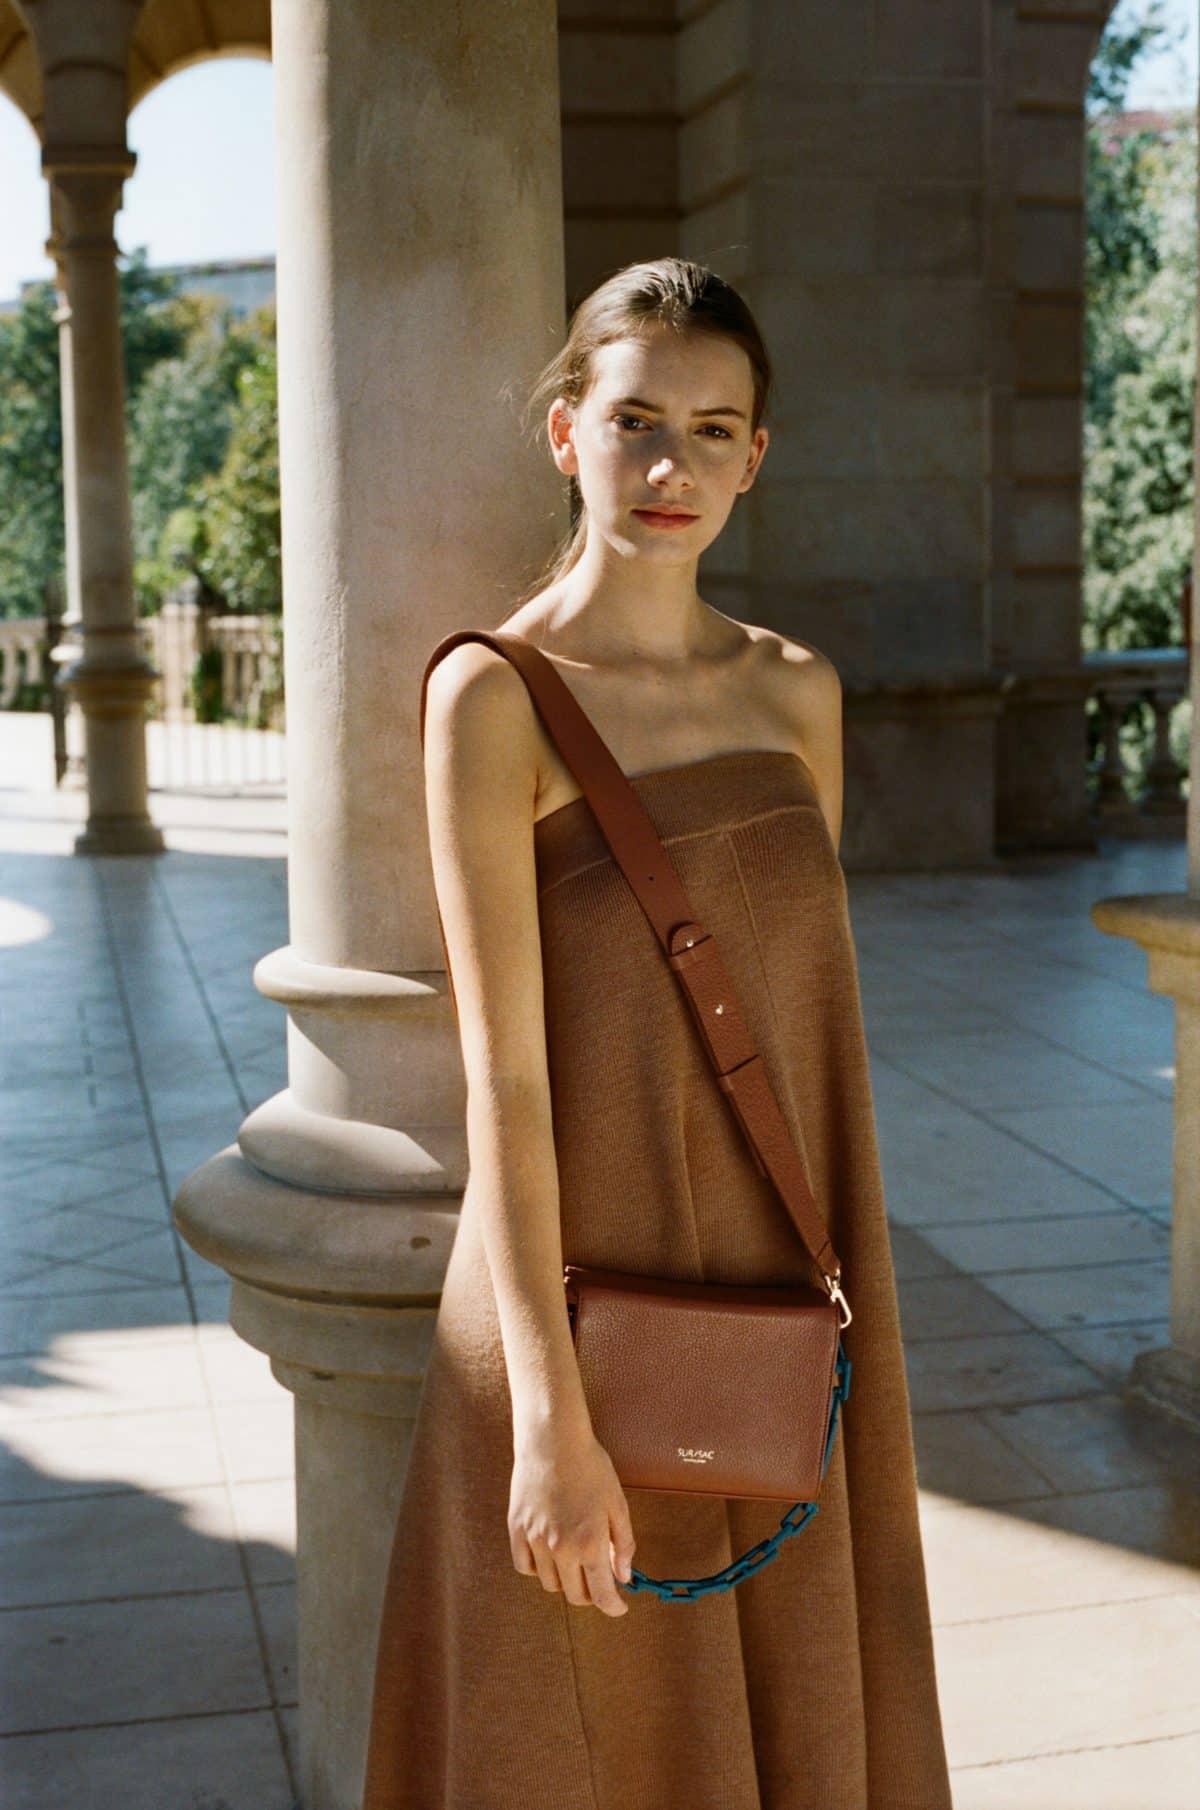 b5d3f9f7f04 Una tendencia directa del streetwear masculino y que en SUR/SAC han sabido  plasmar a la perfección en el modelo Valentina, una pieza delicada, ...